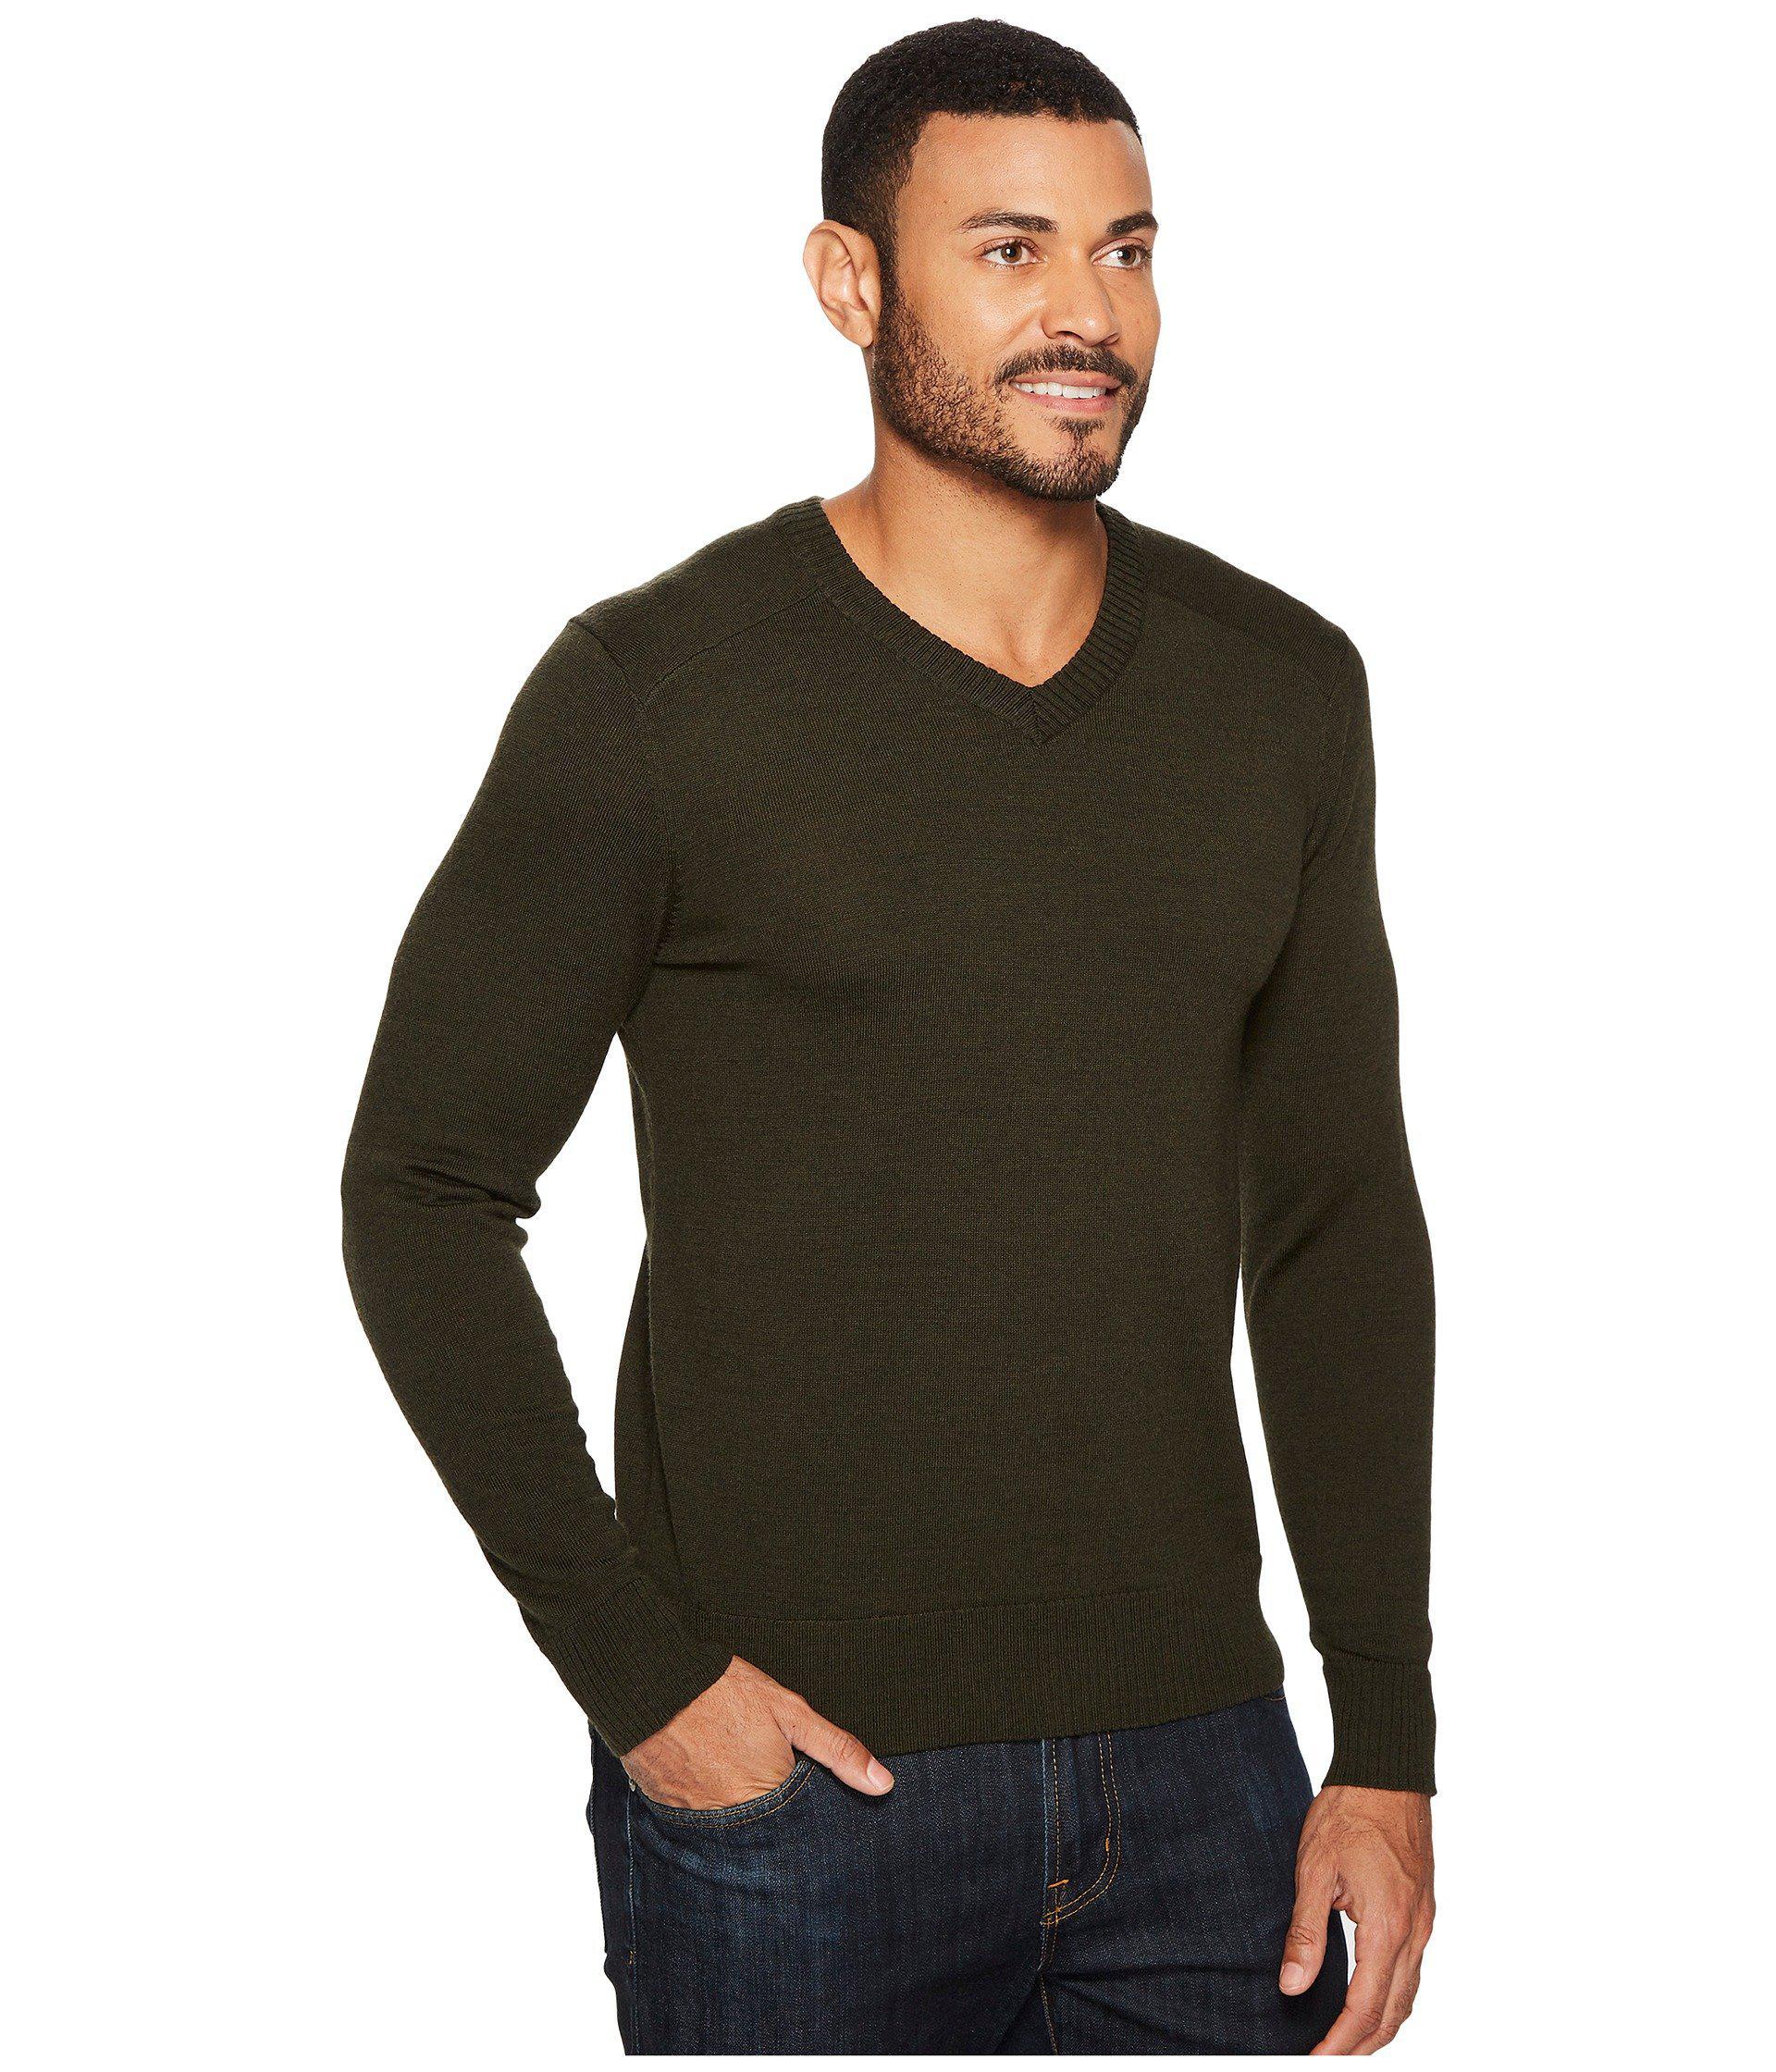 99b265c08 Lyst - Smartwool Kiva Ridge V-neck Sweater in Green for Men